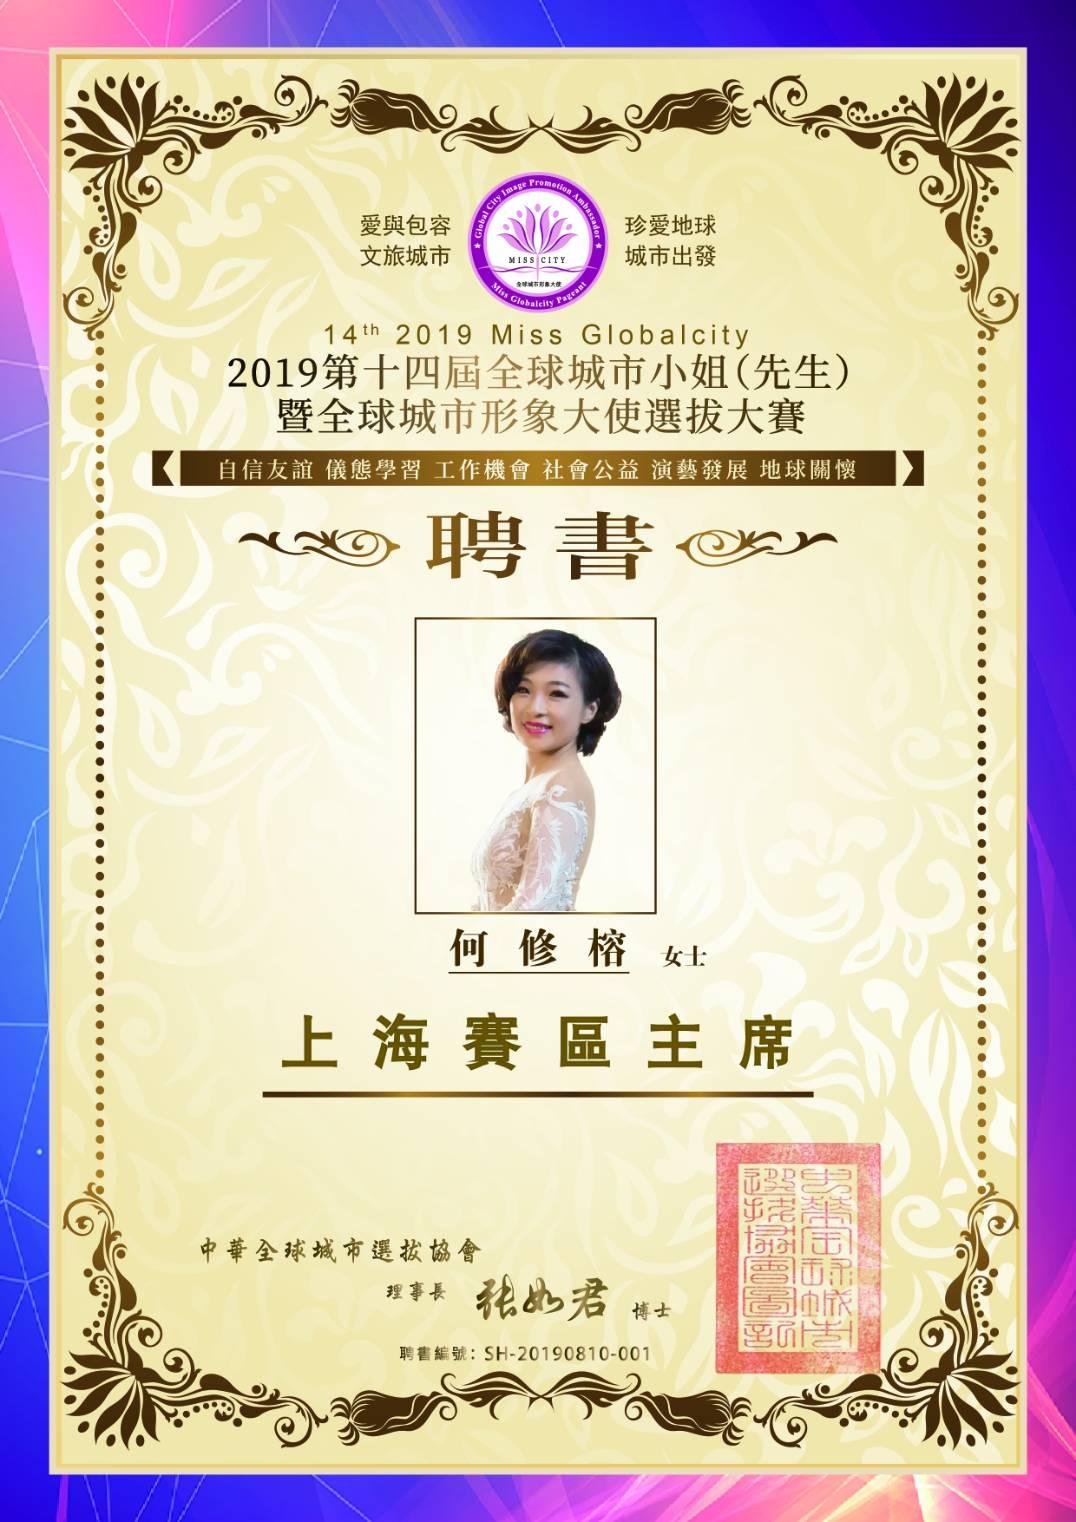 晶璽集團 何修榕執行長 受邀擔任「2019全球城市小姐选拔」上海賽區主席